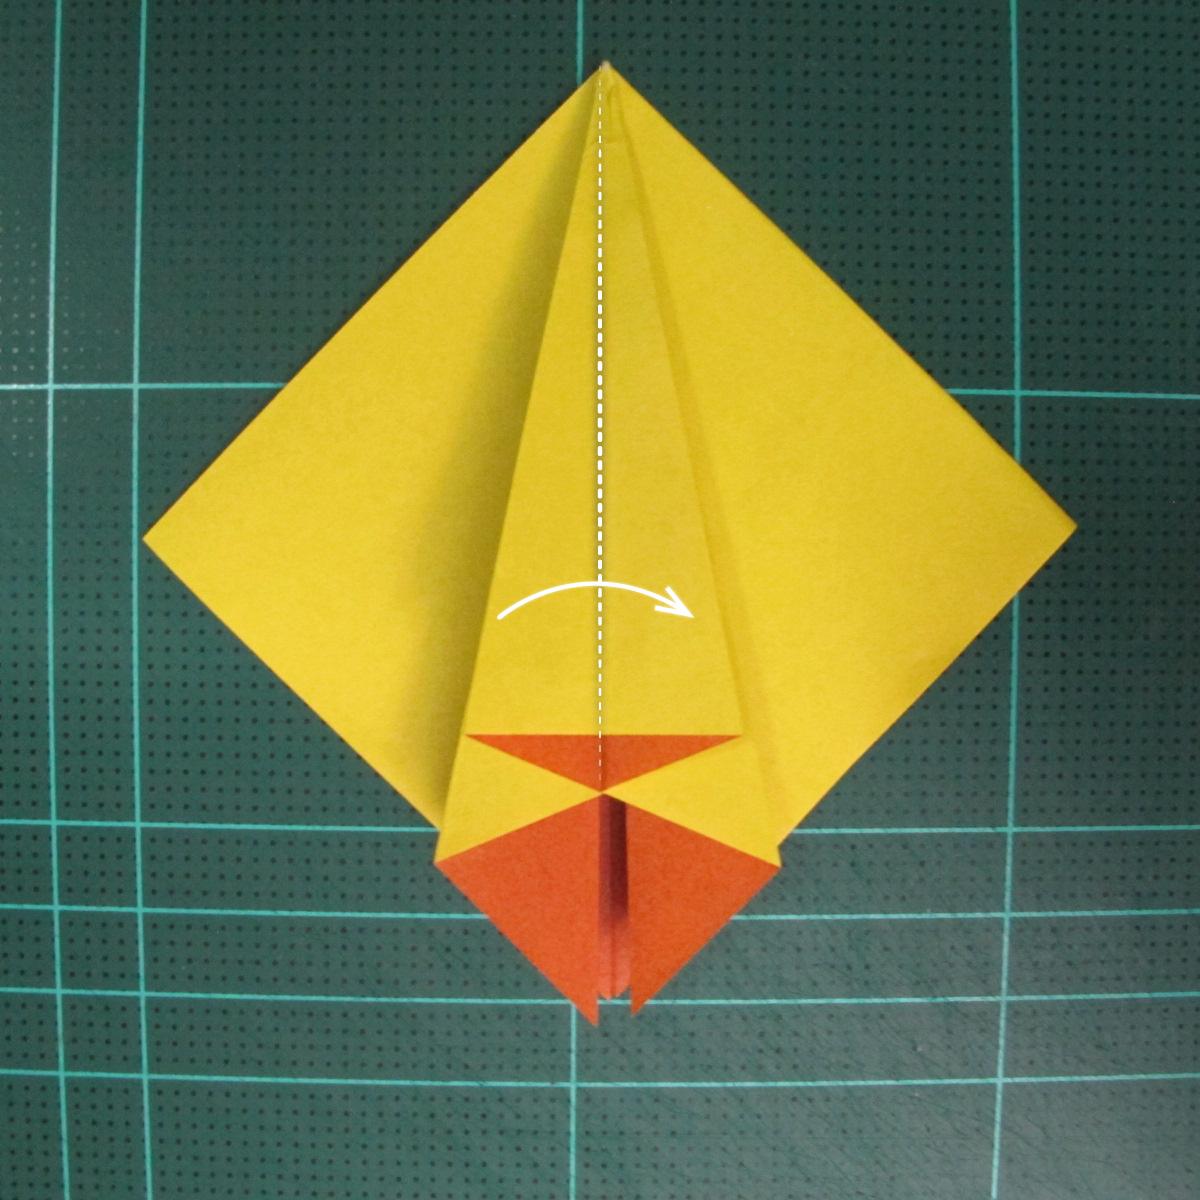 วิธีพับกระดาษเป็นรูปนกยูง (Origami Peacock - ピーコックの折り紙) 014